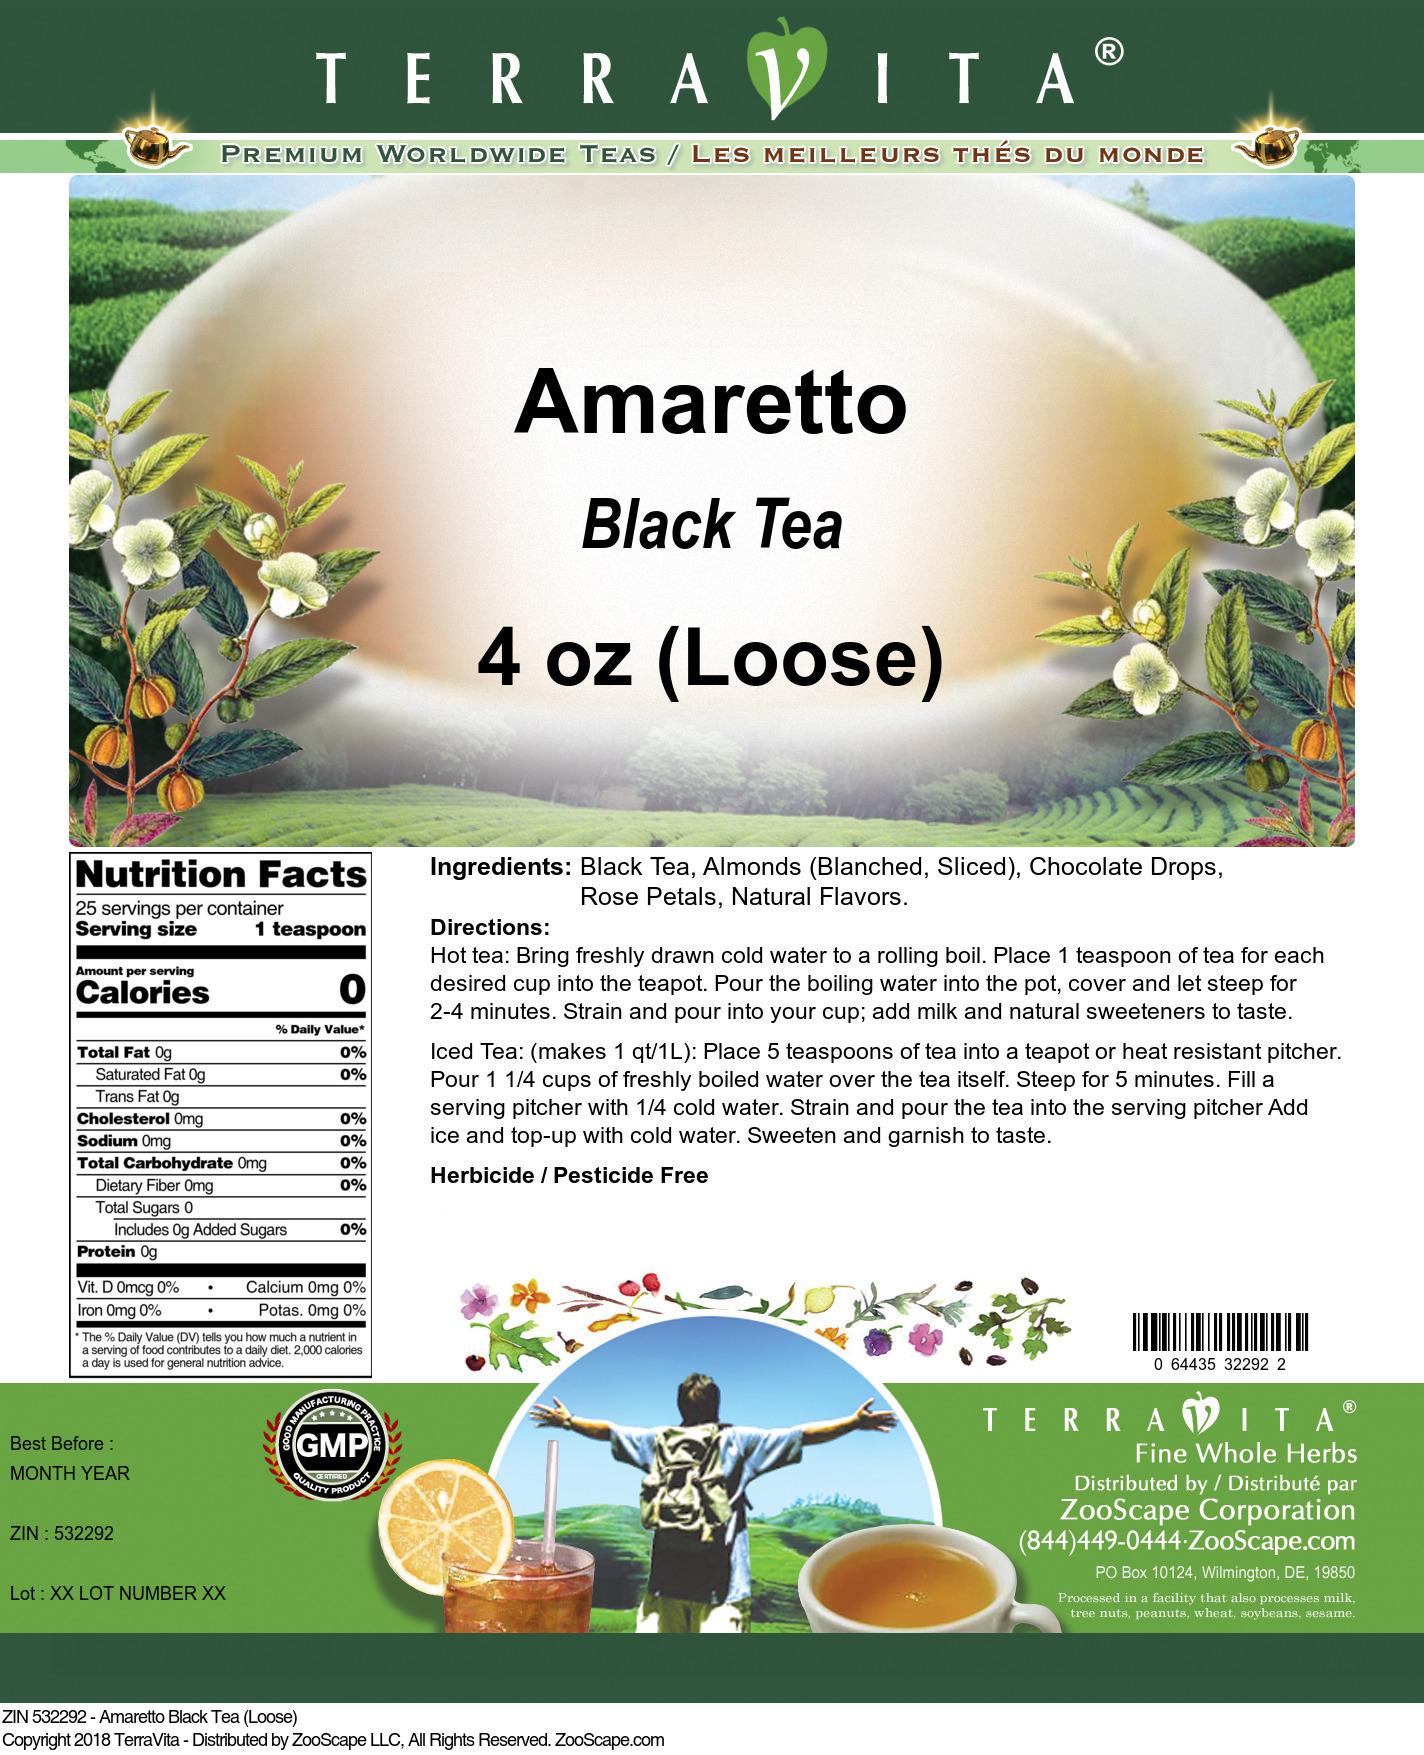 Amaretto Black Tea